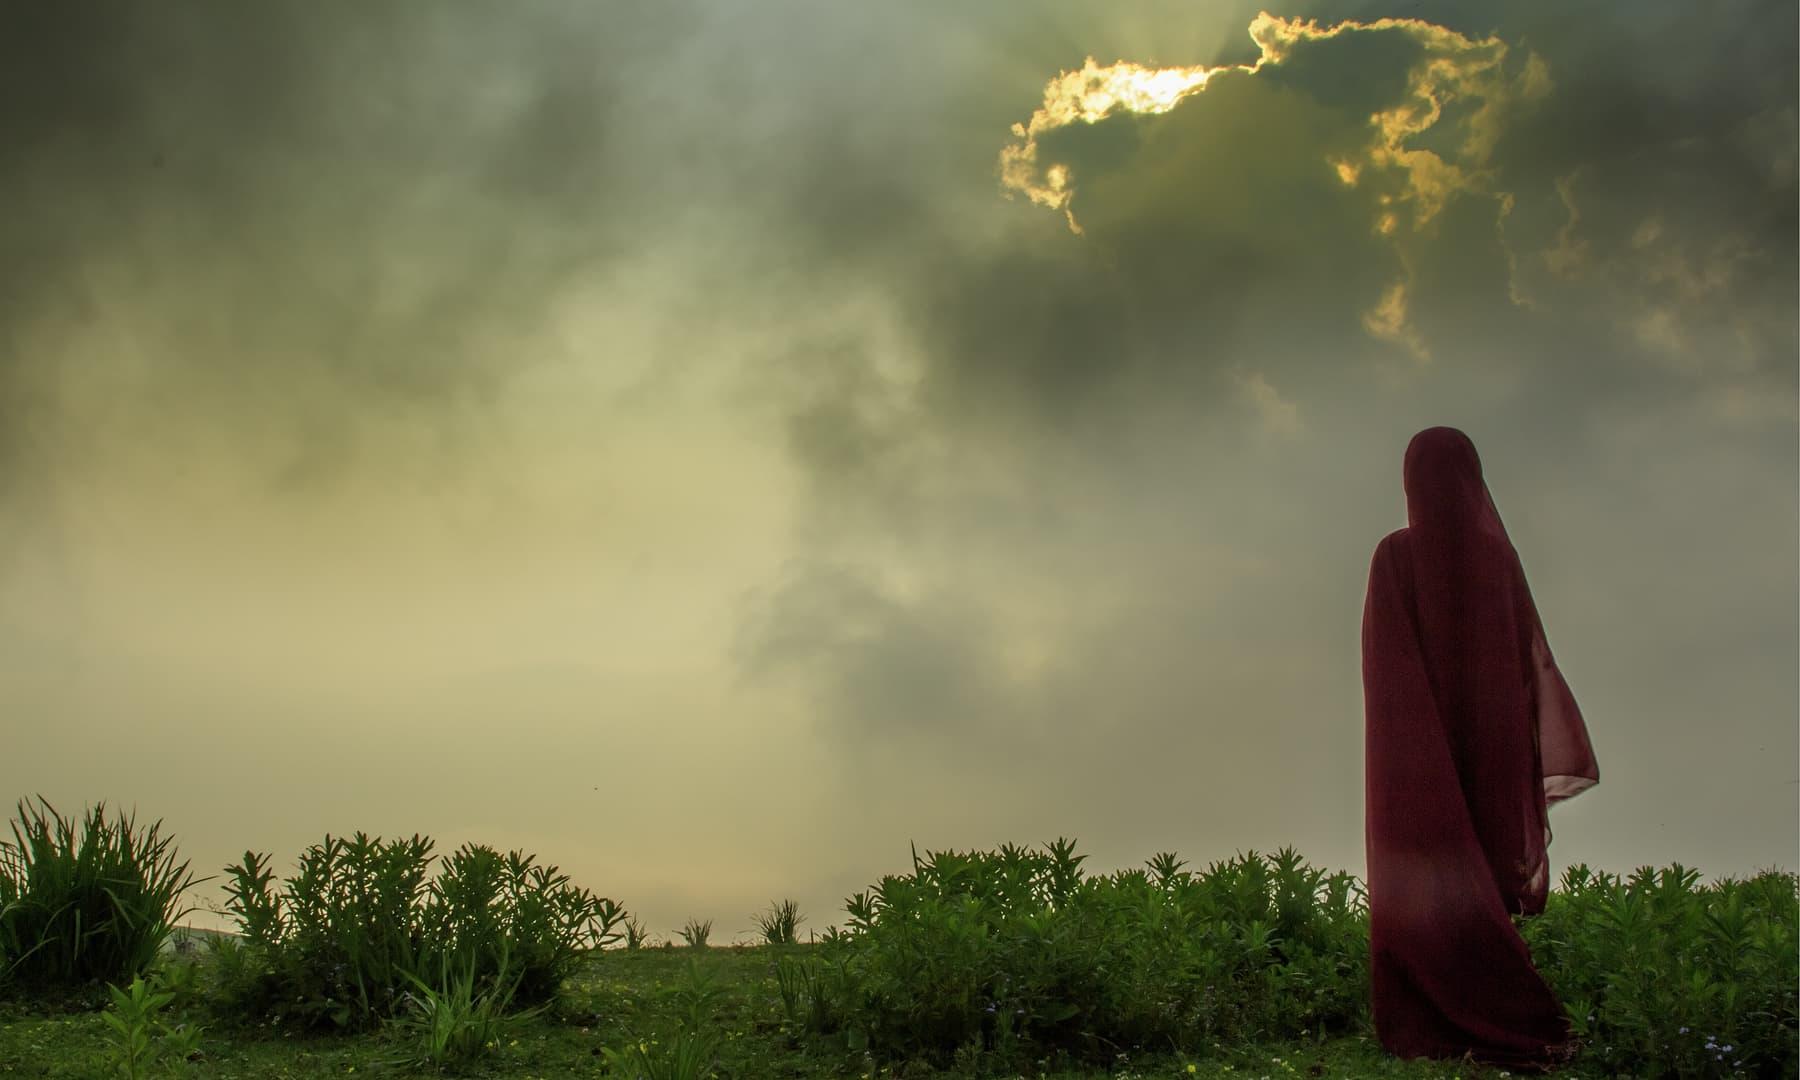 پائے میں ڈوبتا سورج دیکھتی ایک دوشیزہ.— فوٹو سید مہدی بخاری